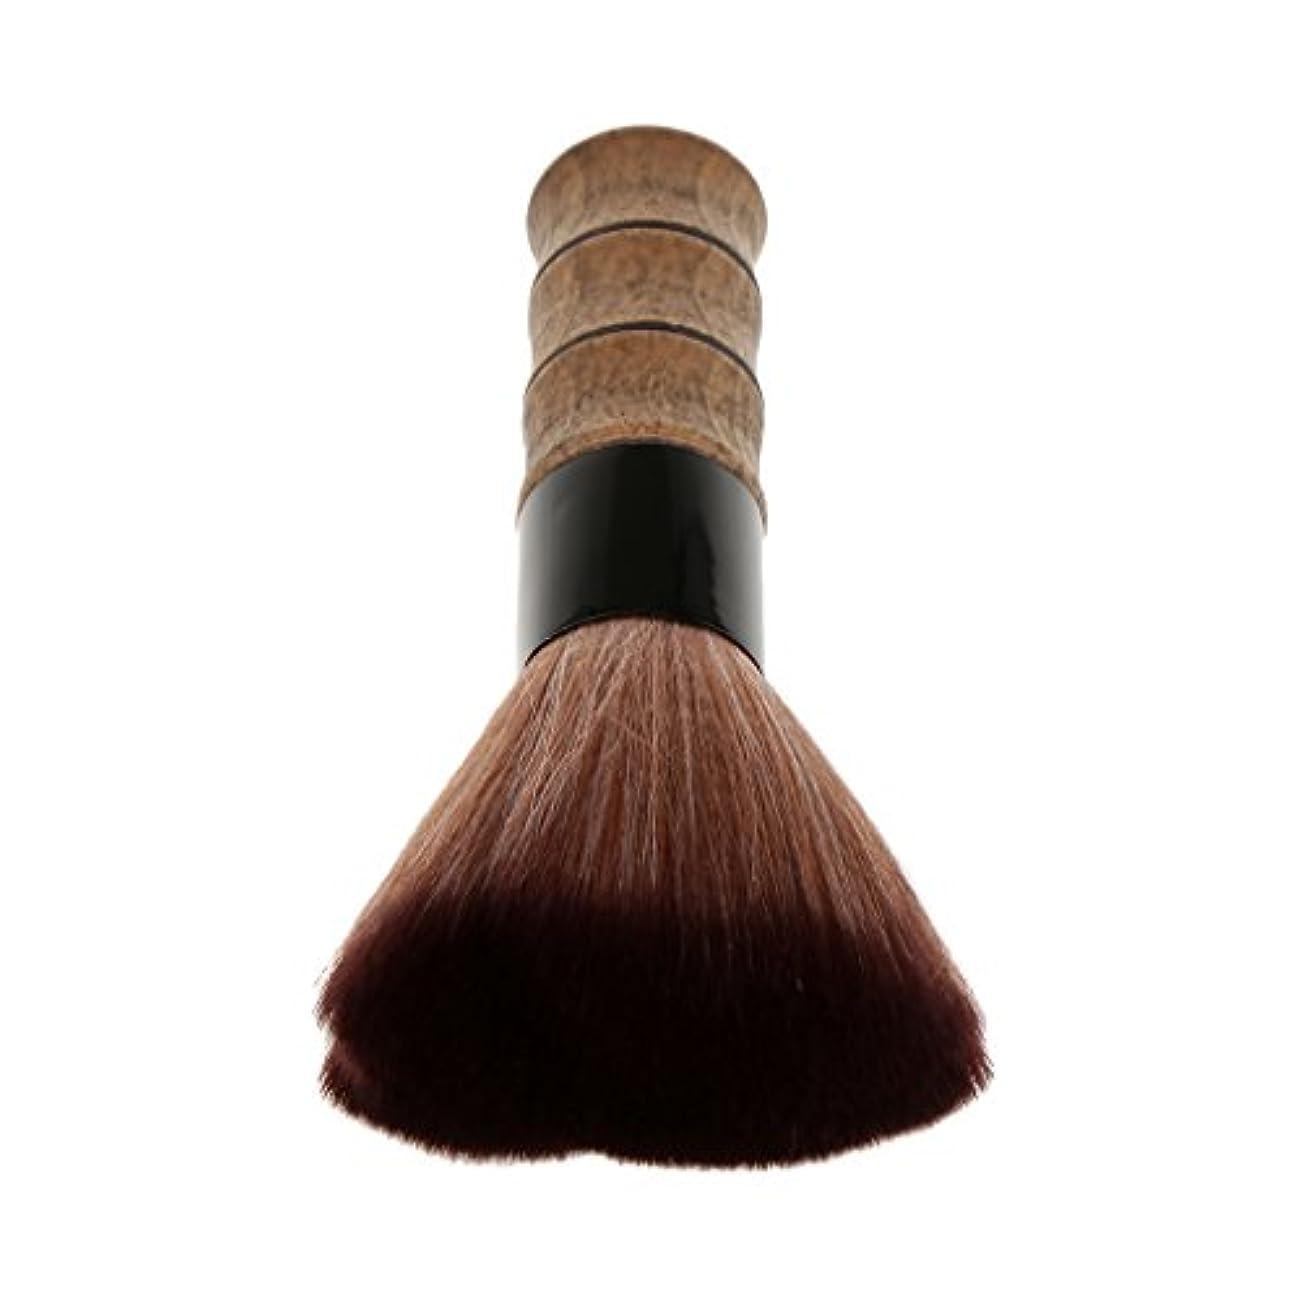 必要条件ビート良心Homyl メイクブラシ シェービングブラシ 超柔らかい 繊維 木製ハンドル 泡立ち 快適 洗顔 プレゼント 2色選べる  - 褐色